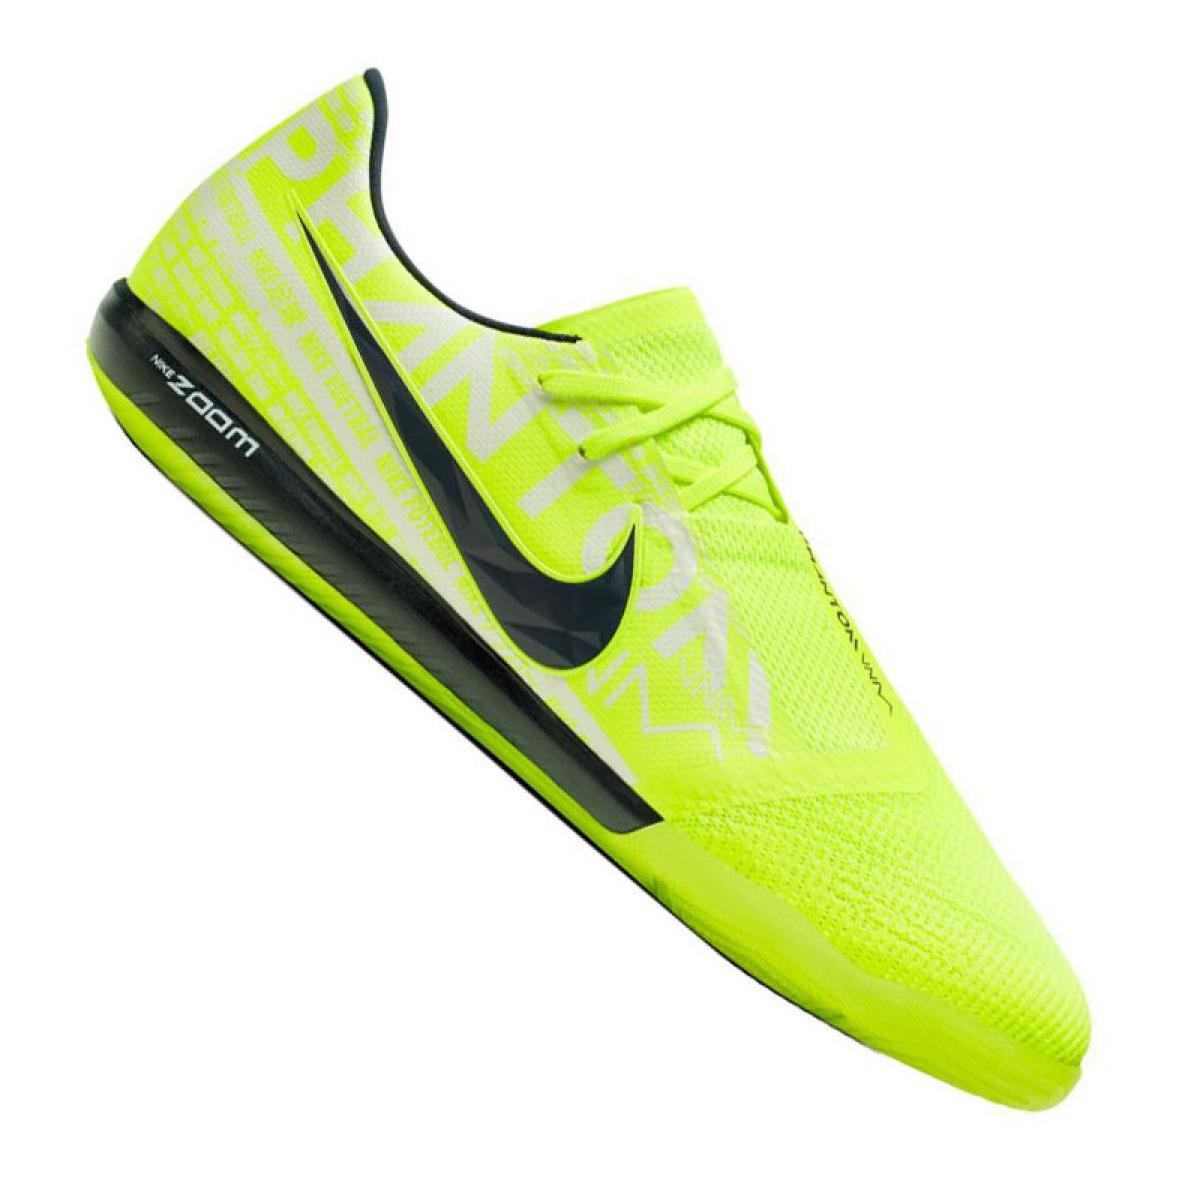 Sapatos de interior Nike Zoom Phantom Vnm Pro Ic M BQ7496 717 amarelo amarelo